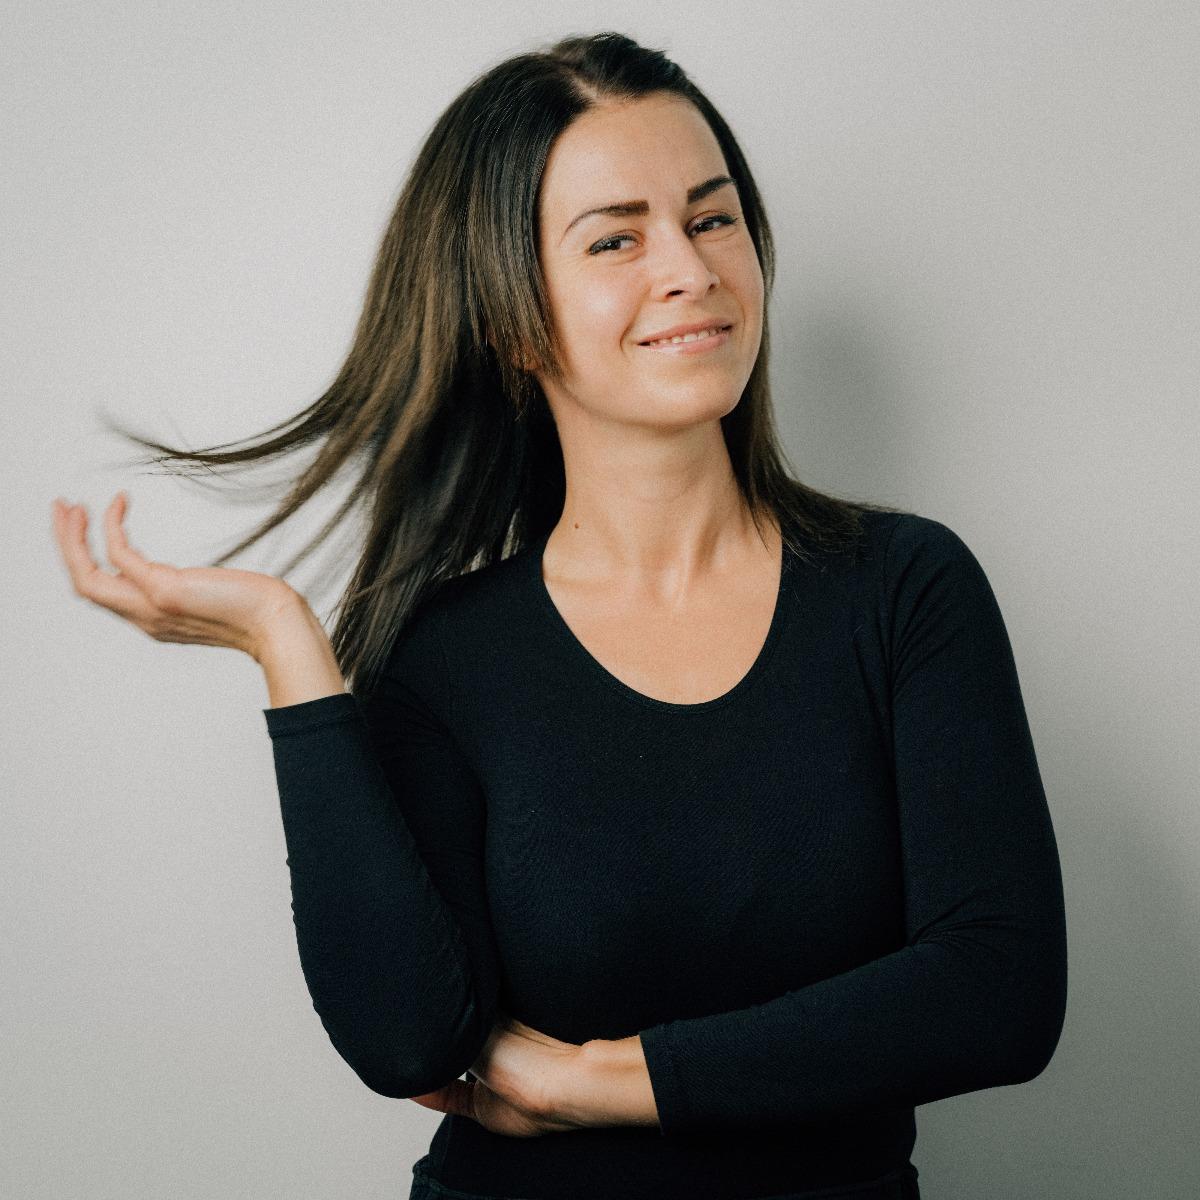 Ramona Breitenbach